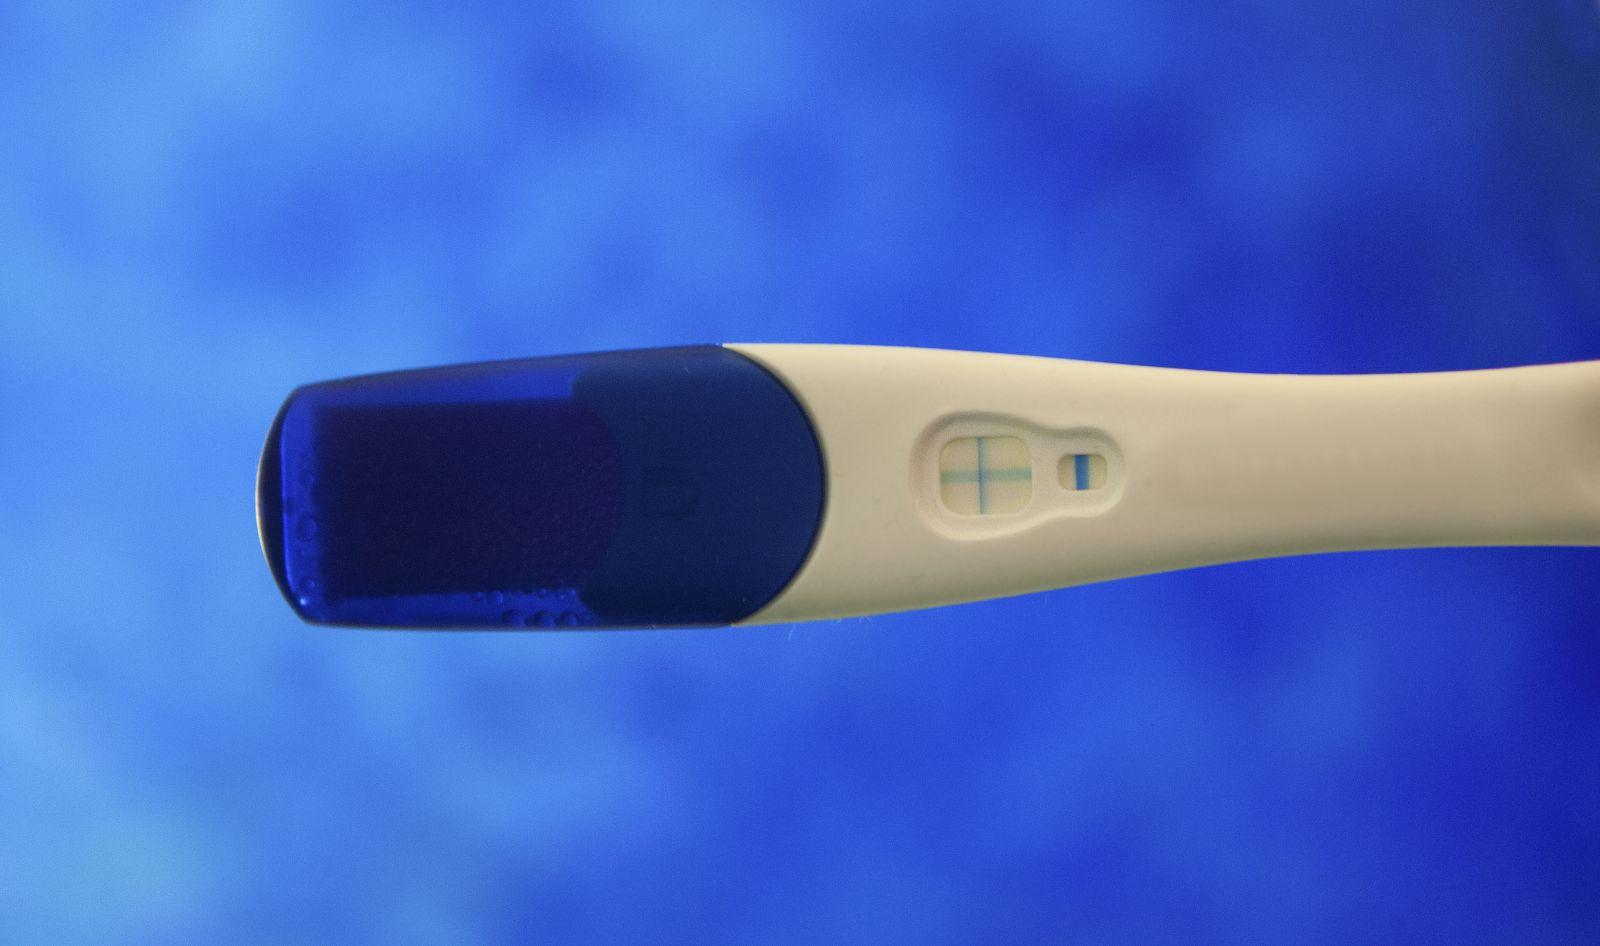 Ab Wann Kann Ein Schwangerschaftstest Gemacht Werden on